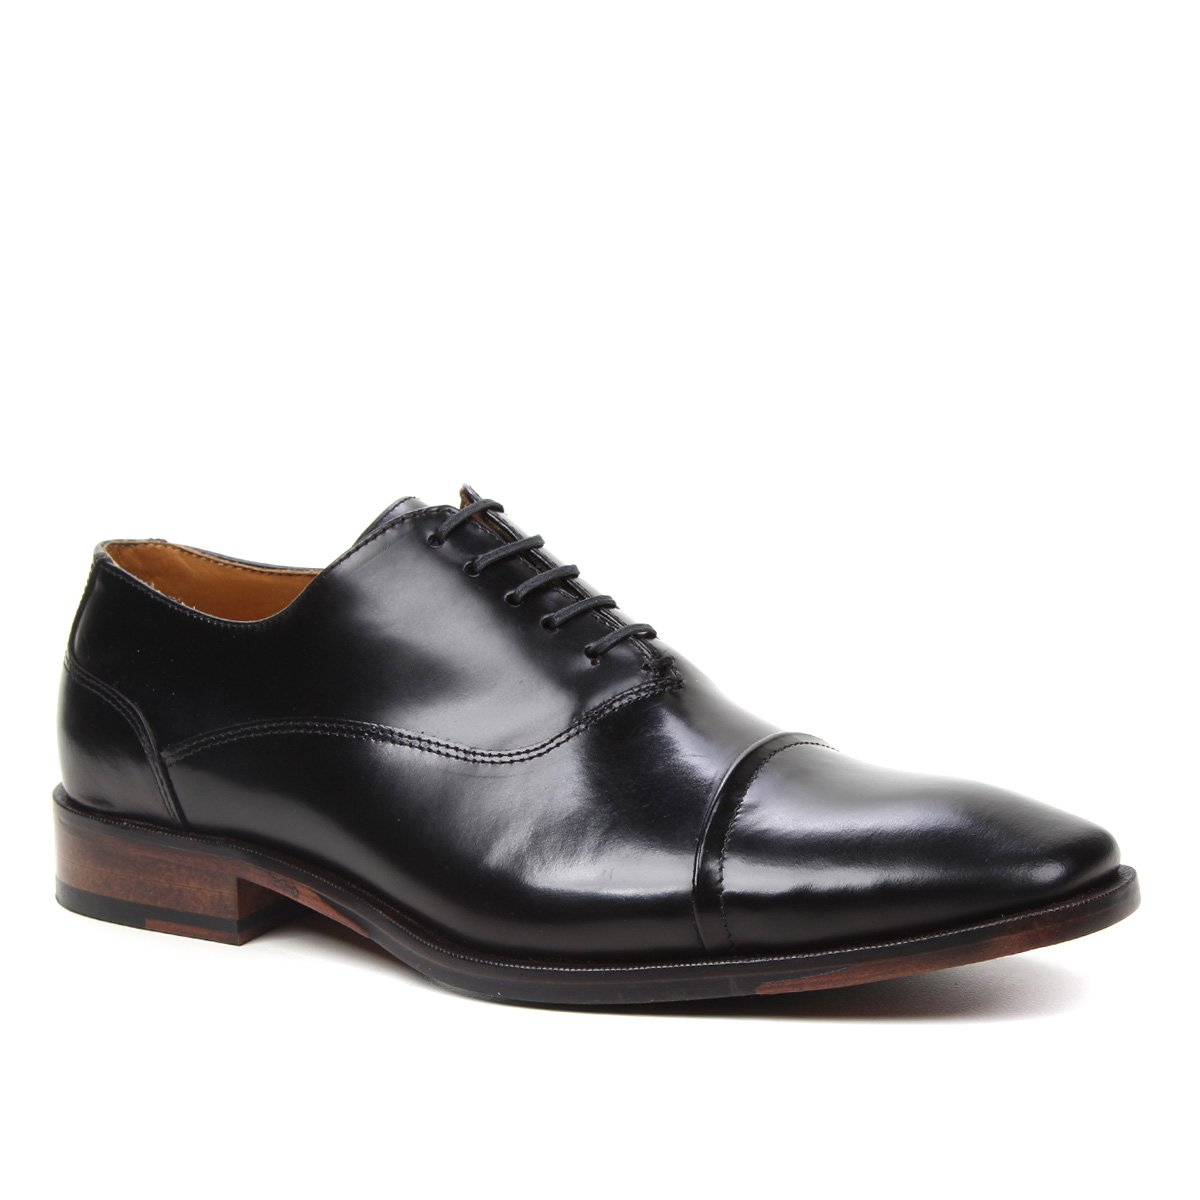 Sapato Social Couro Shoestock Box Cadarço Masculino